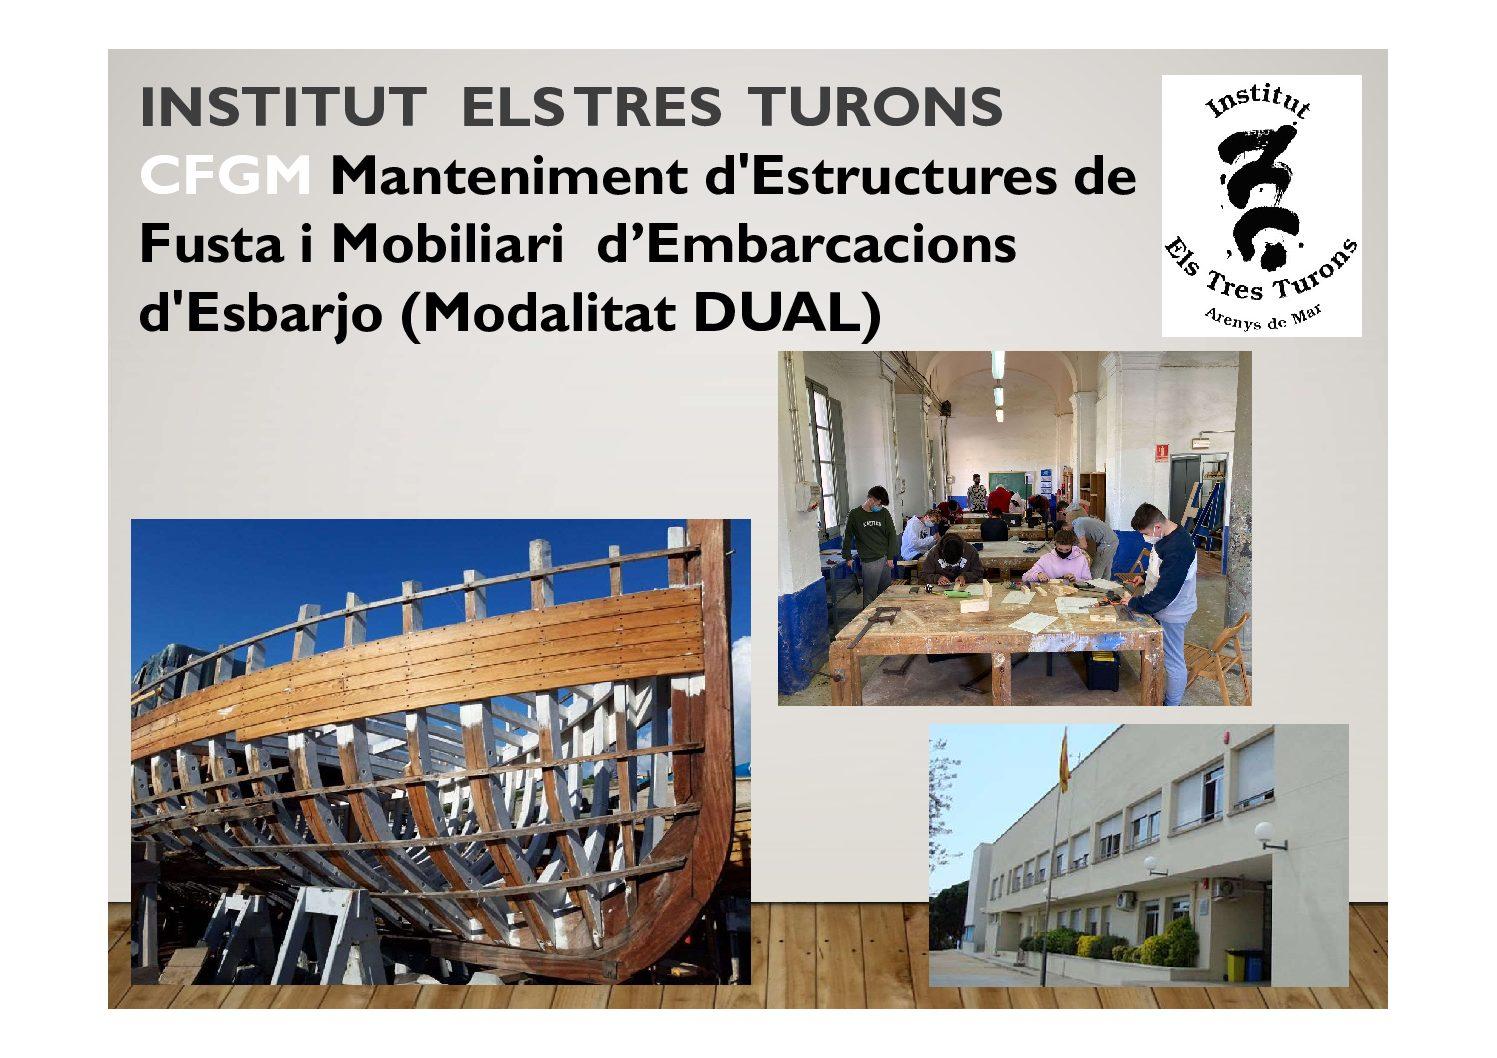 Informació Cicle Manteniment d'Estructures de Fusta i Mobiliari d'Embarcacions (Modalitat DUAL)